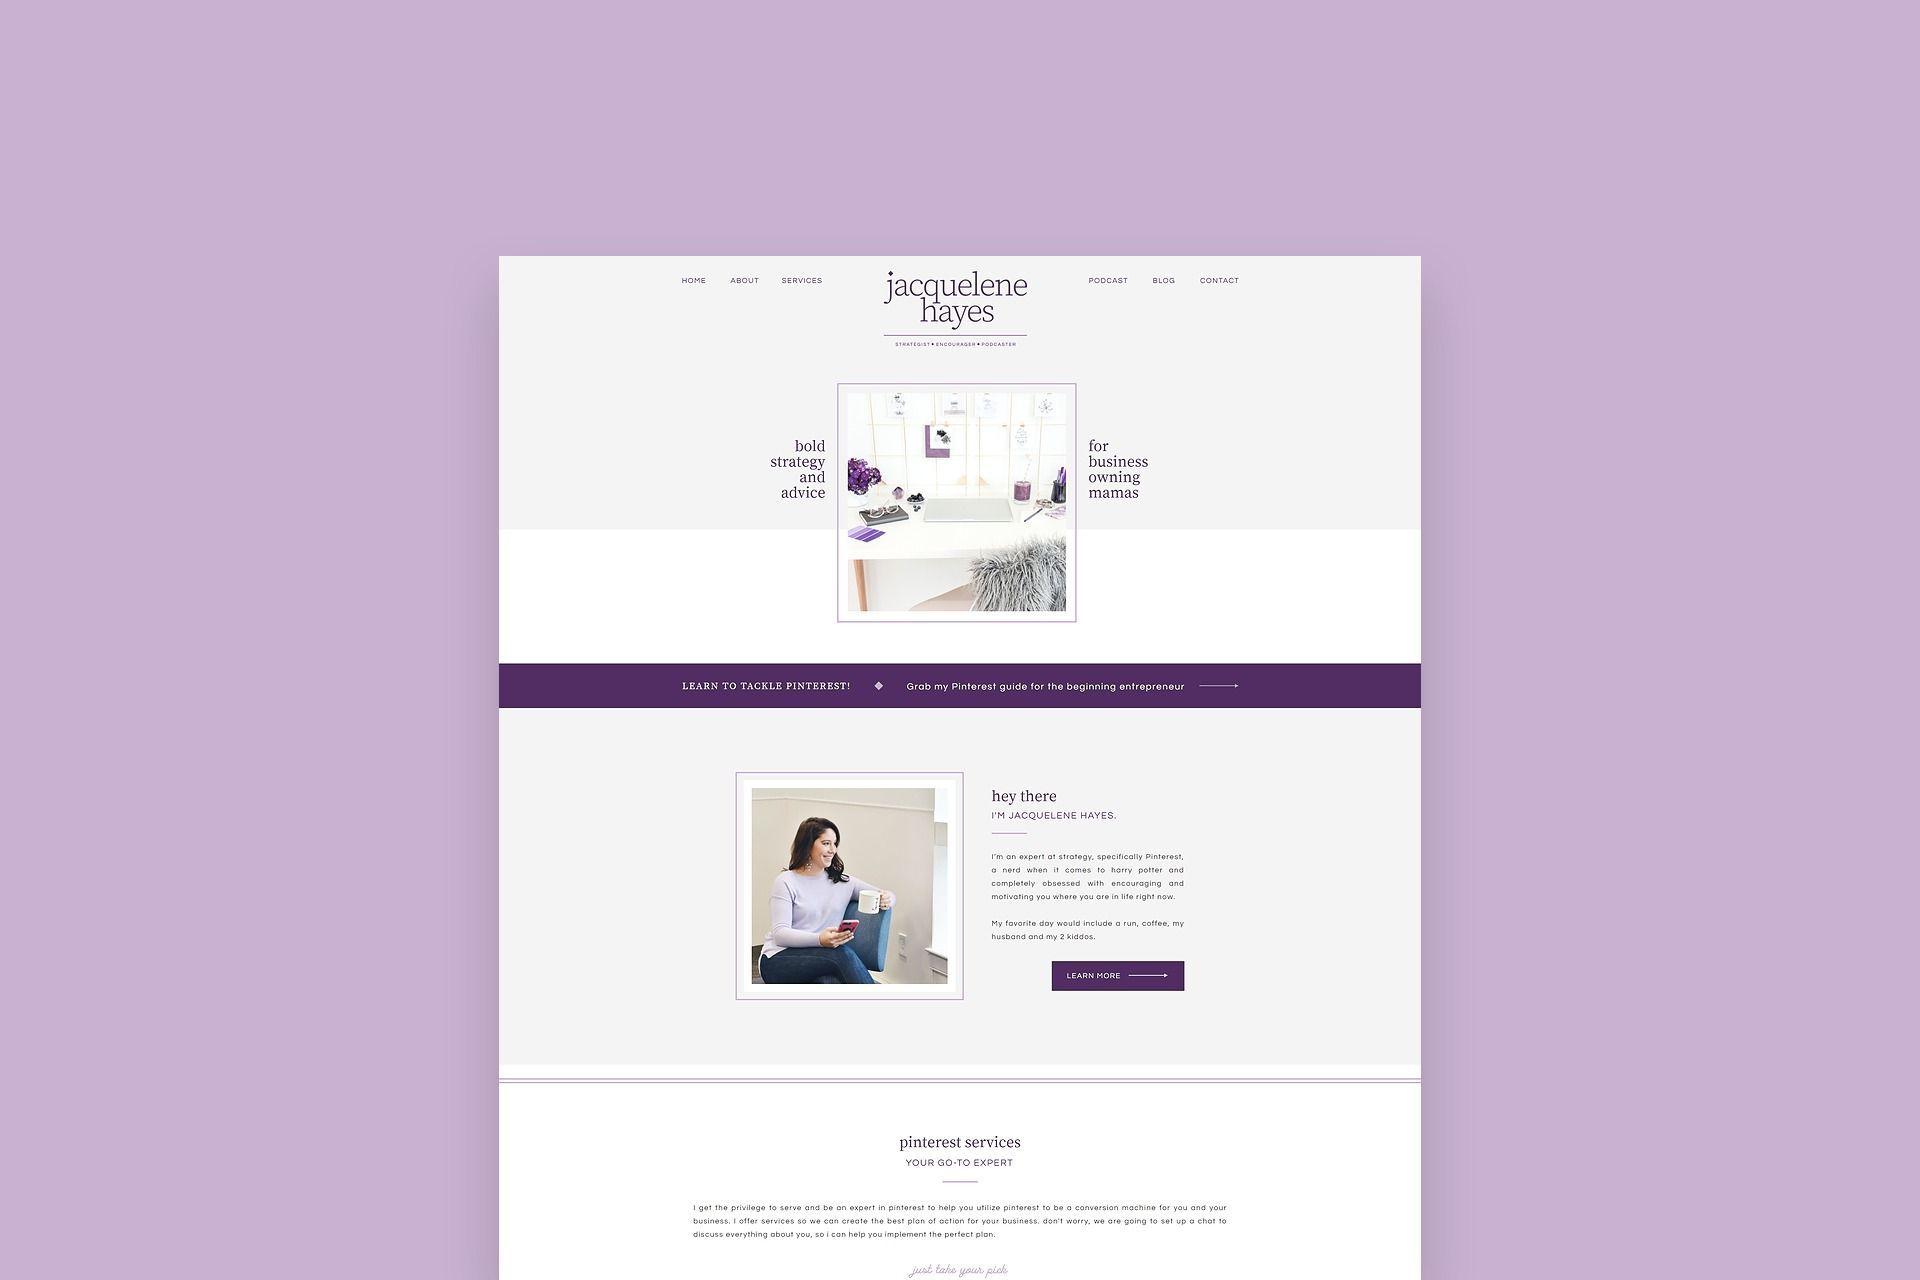 Showit Website Design Podcast Website Design Podcast Design Jacquelene Hayes Website Design P Feminine Website Design Design Podcast Web Development Design